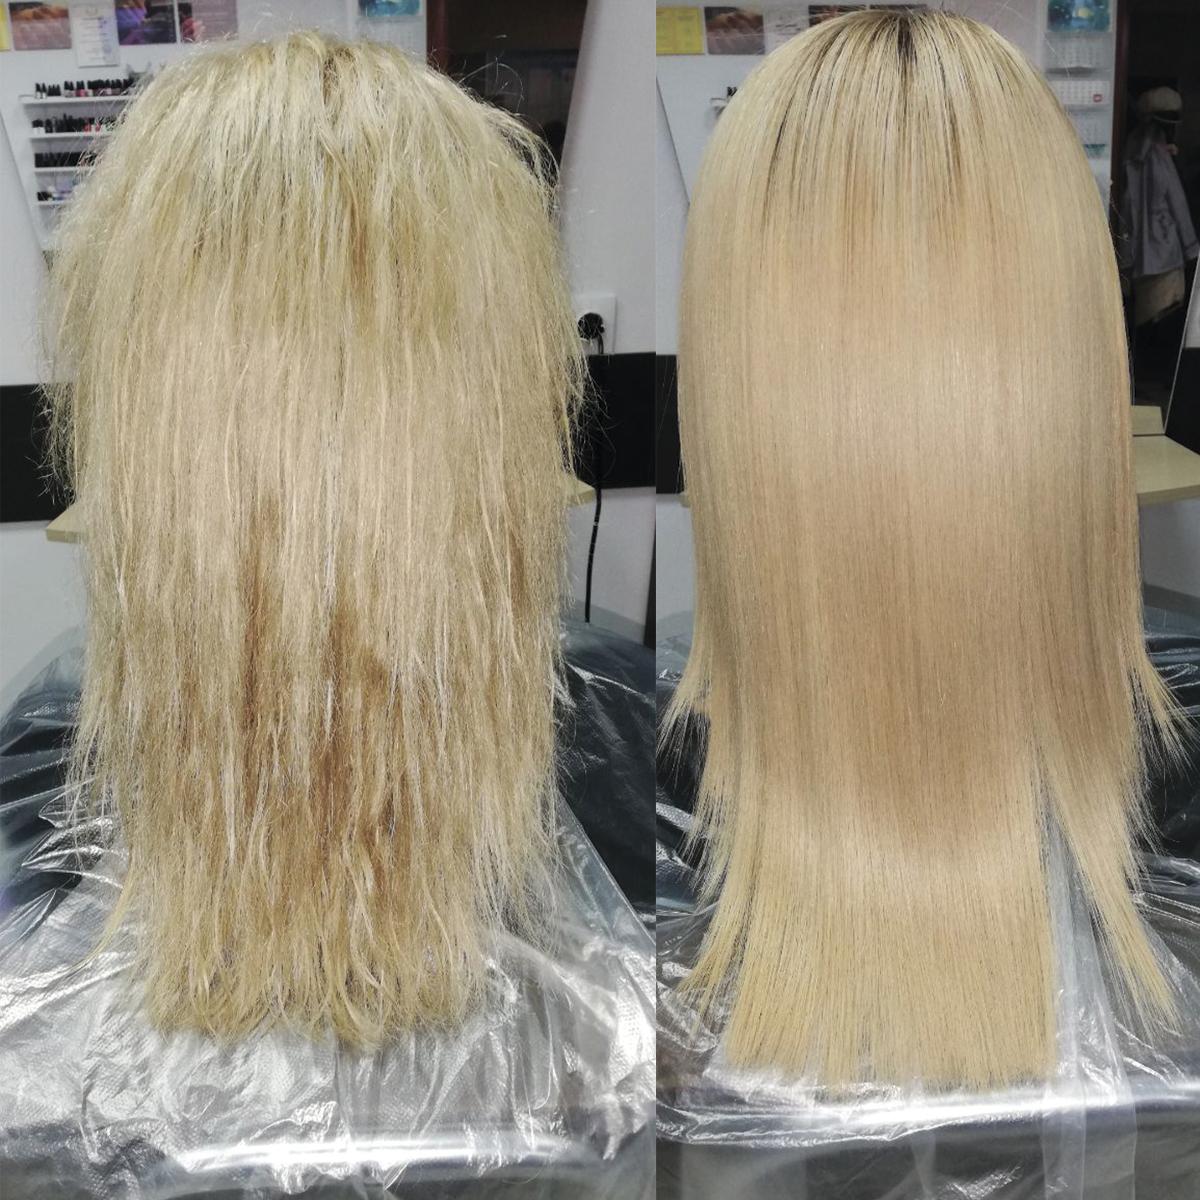 Ботокс для волос в домашних условиях, средства, как сделать народными средствами, рецепты, отзывы